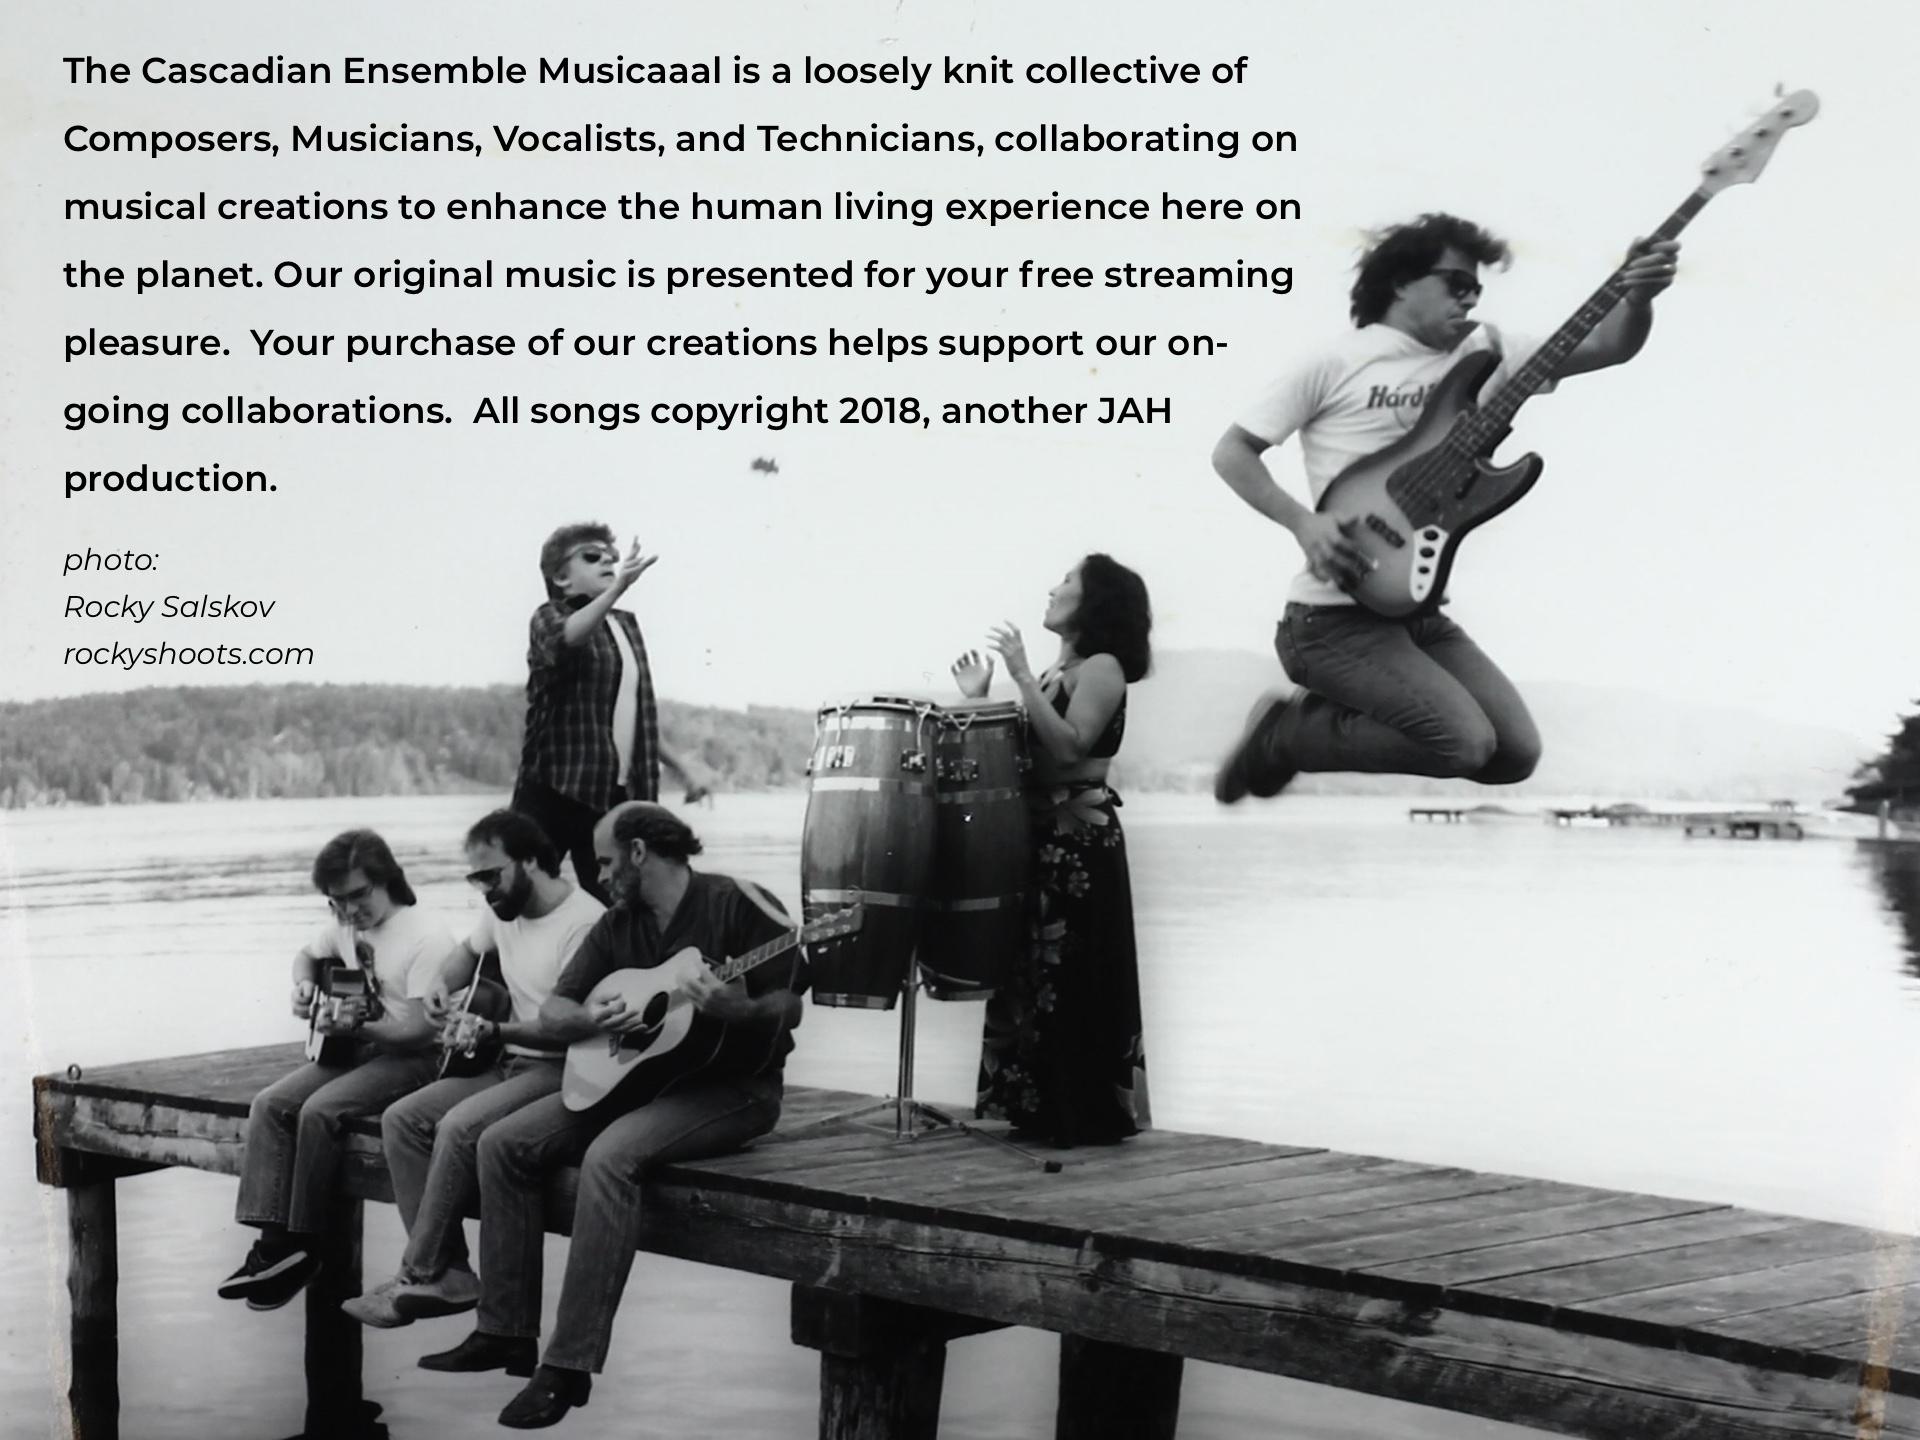 Cascadian Ensemble Musical - Seattle, WA